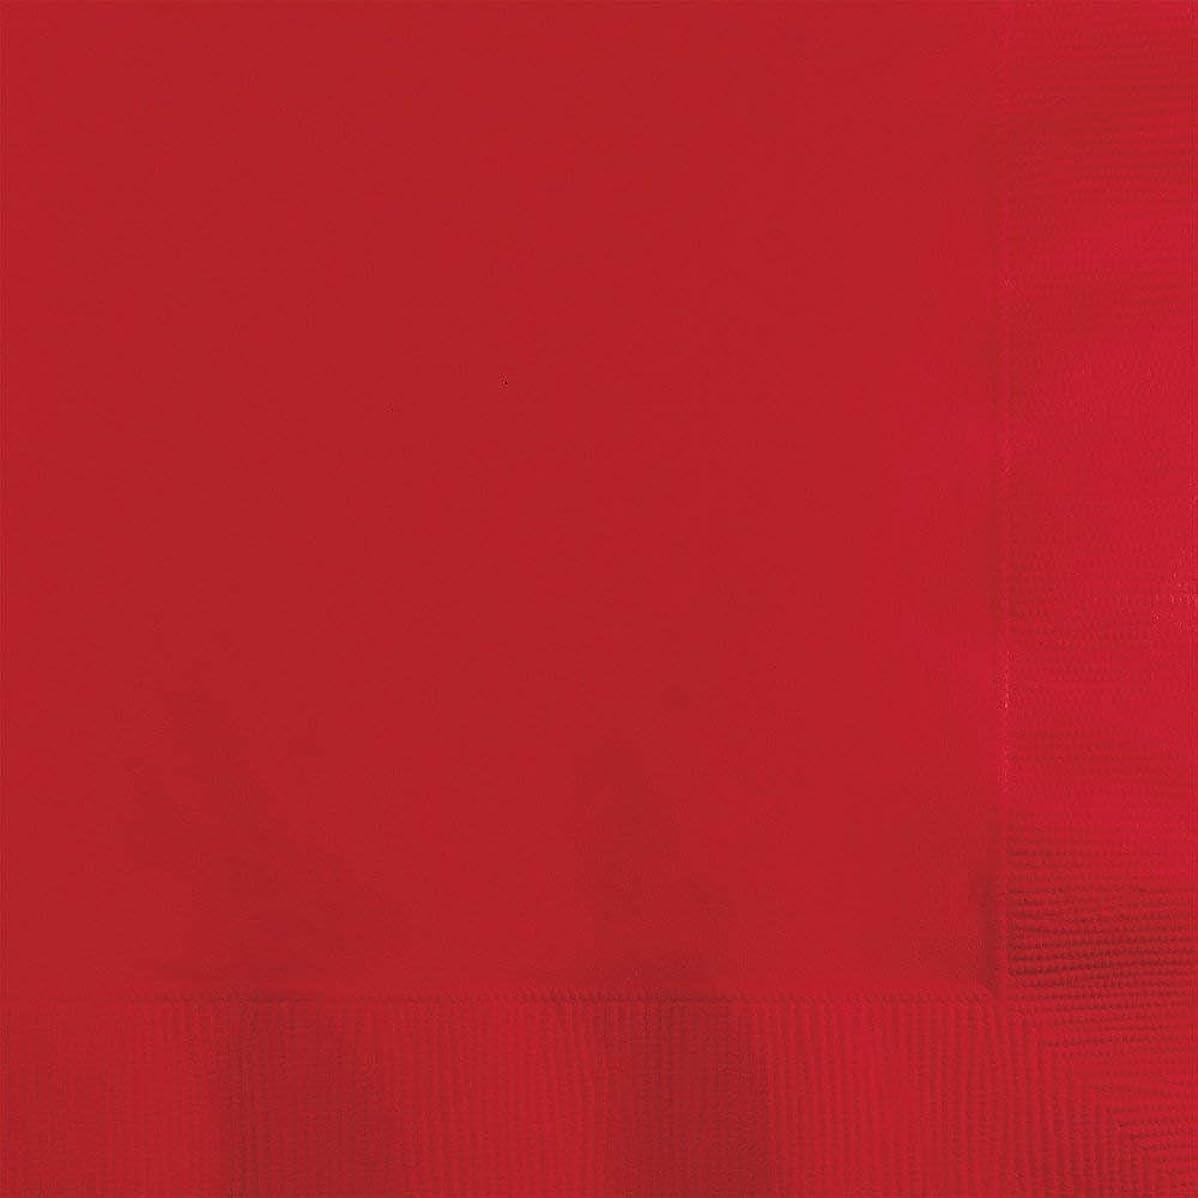 大陸クリープキャベツCreative Converting Touch of Color 3層 50枚 紙製飲み物用ナプキン バミューダブルー